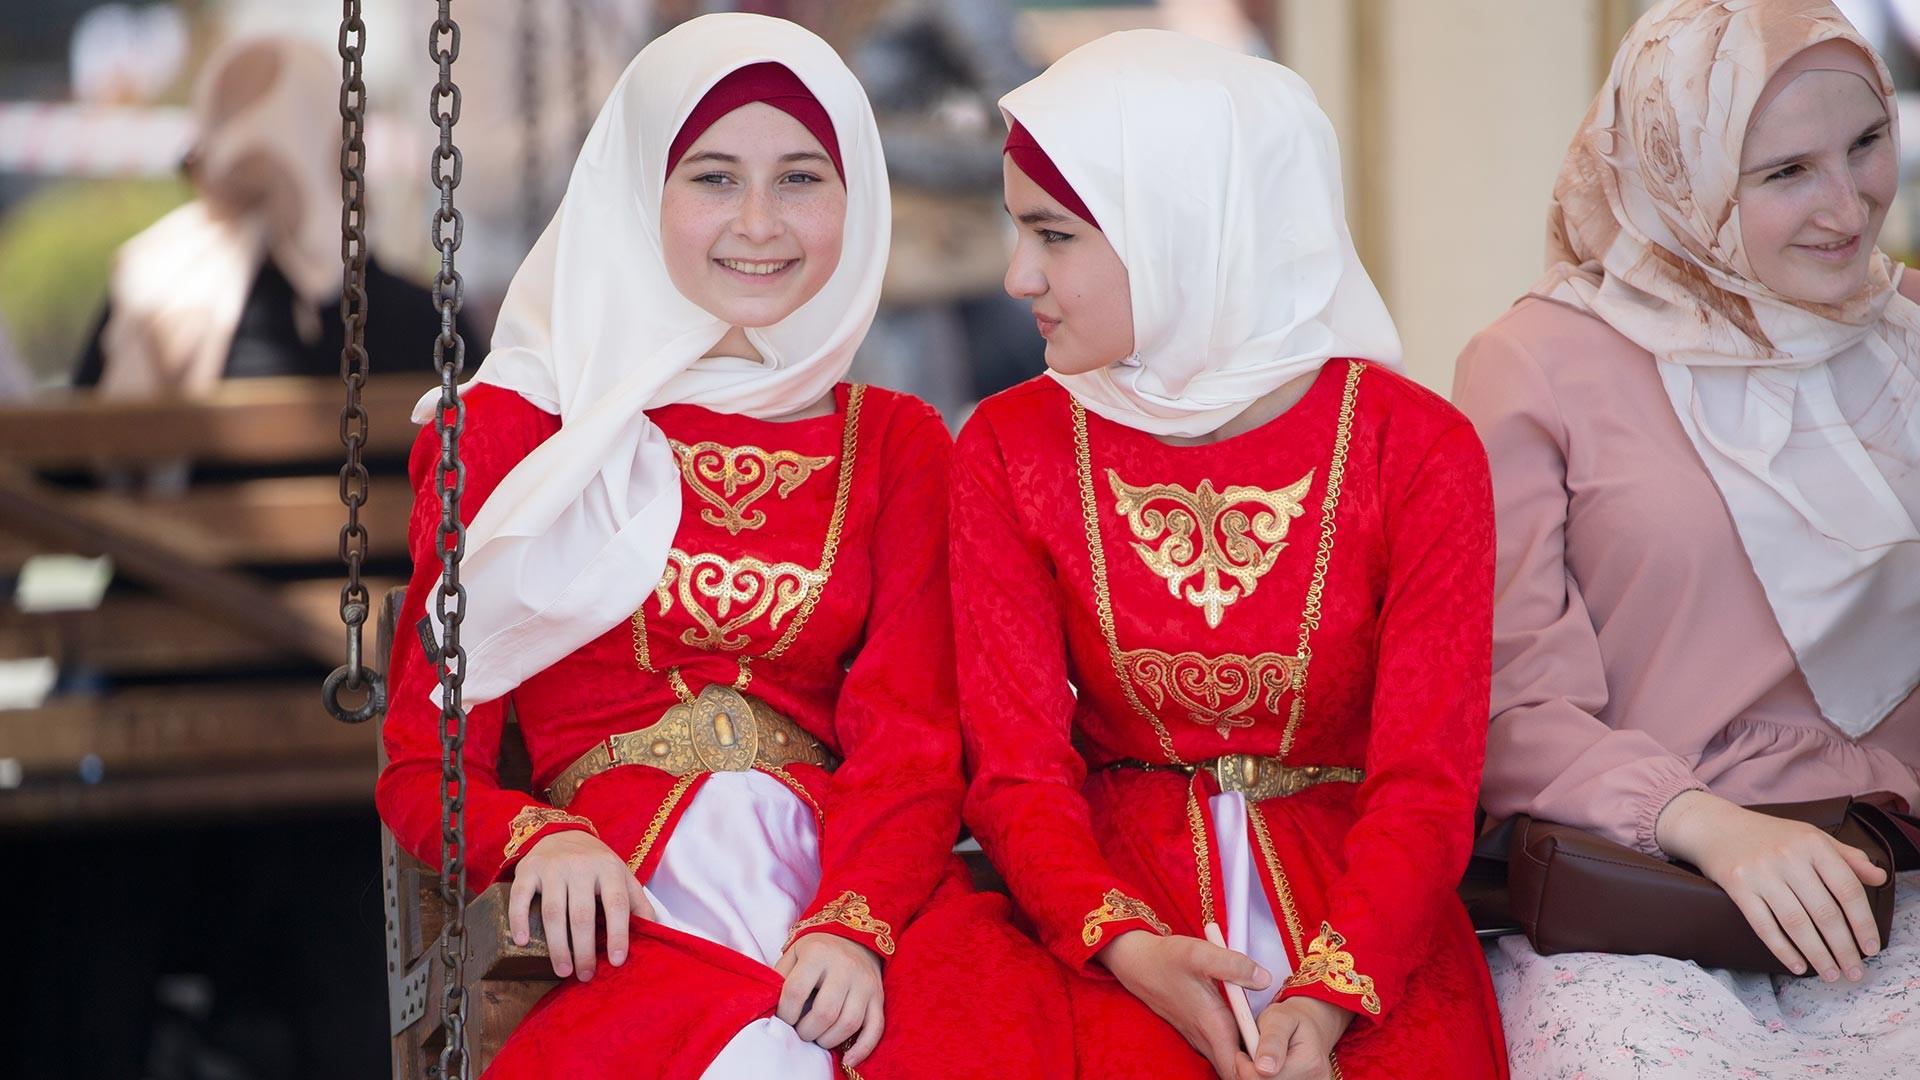 Грозный. Девушки на IV Международном гастрономическом фестивале туризма и активного отдыха